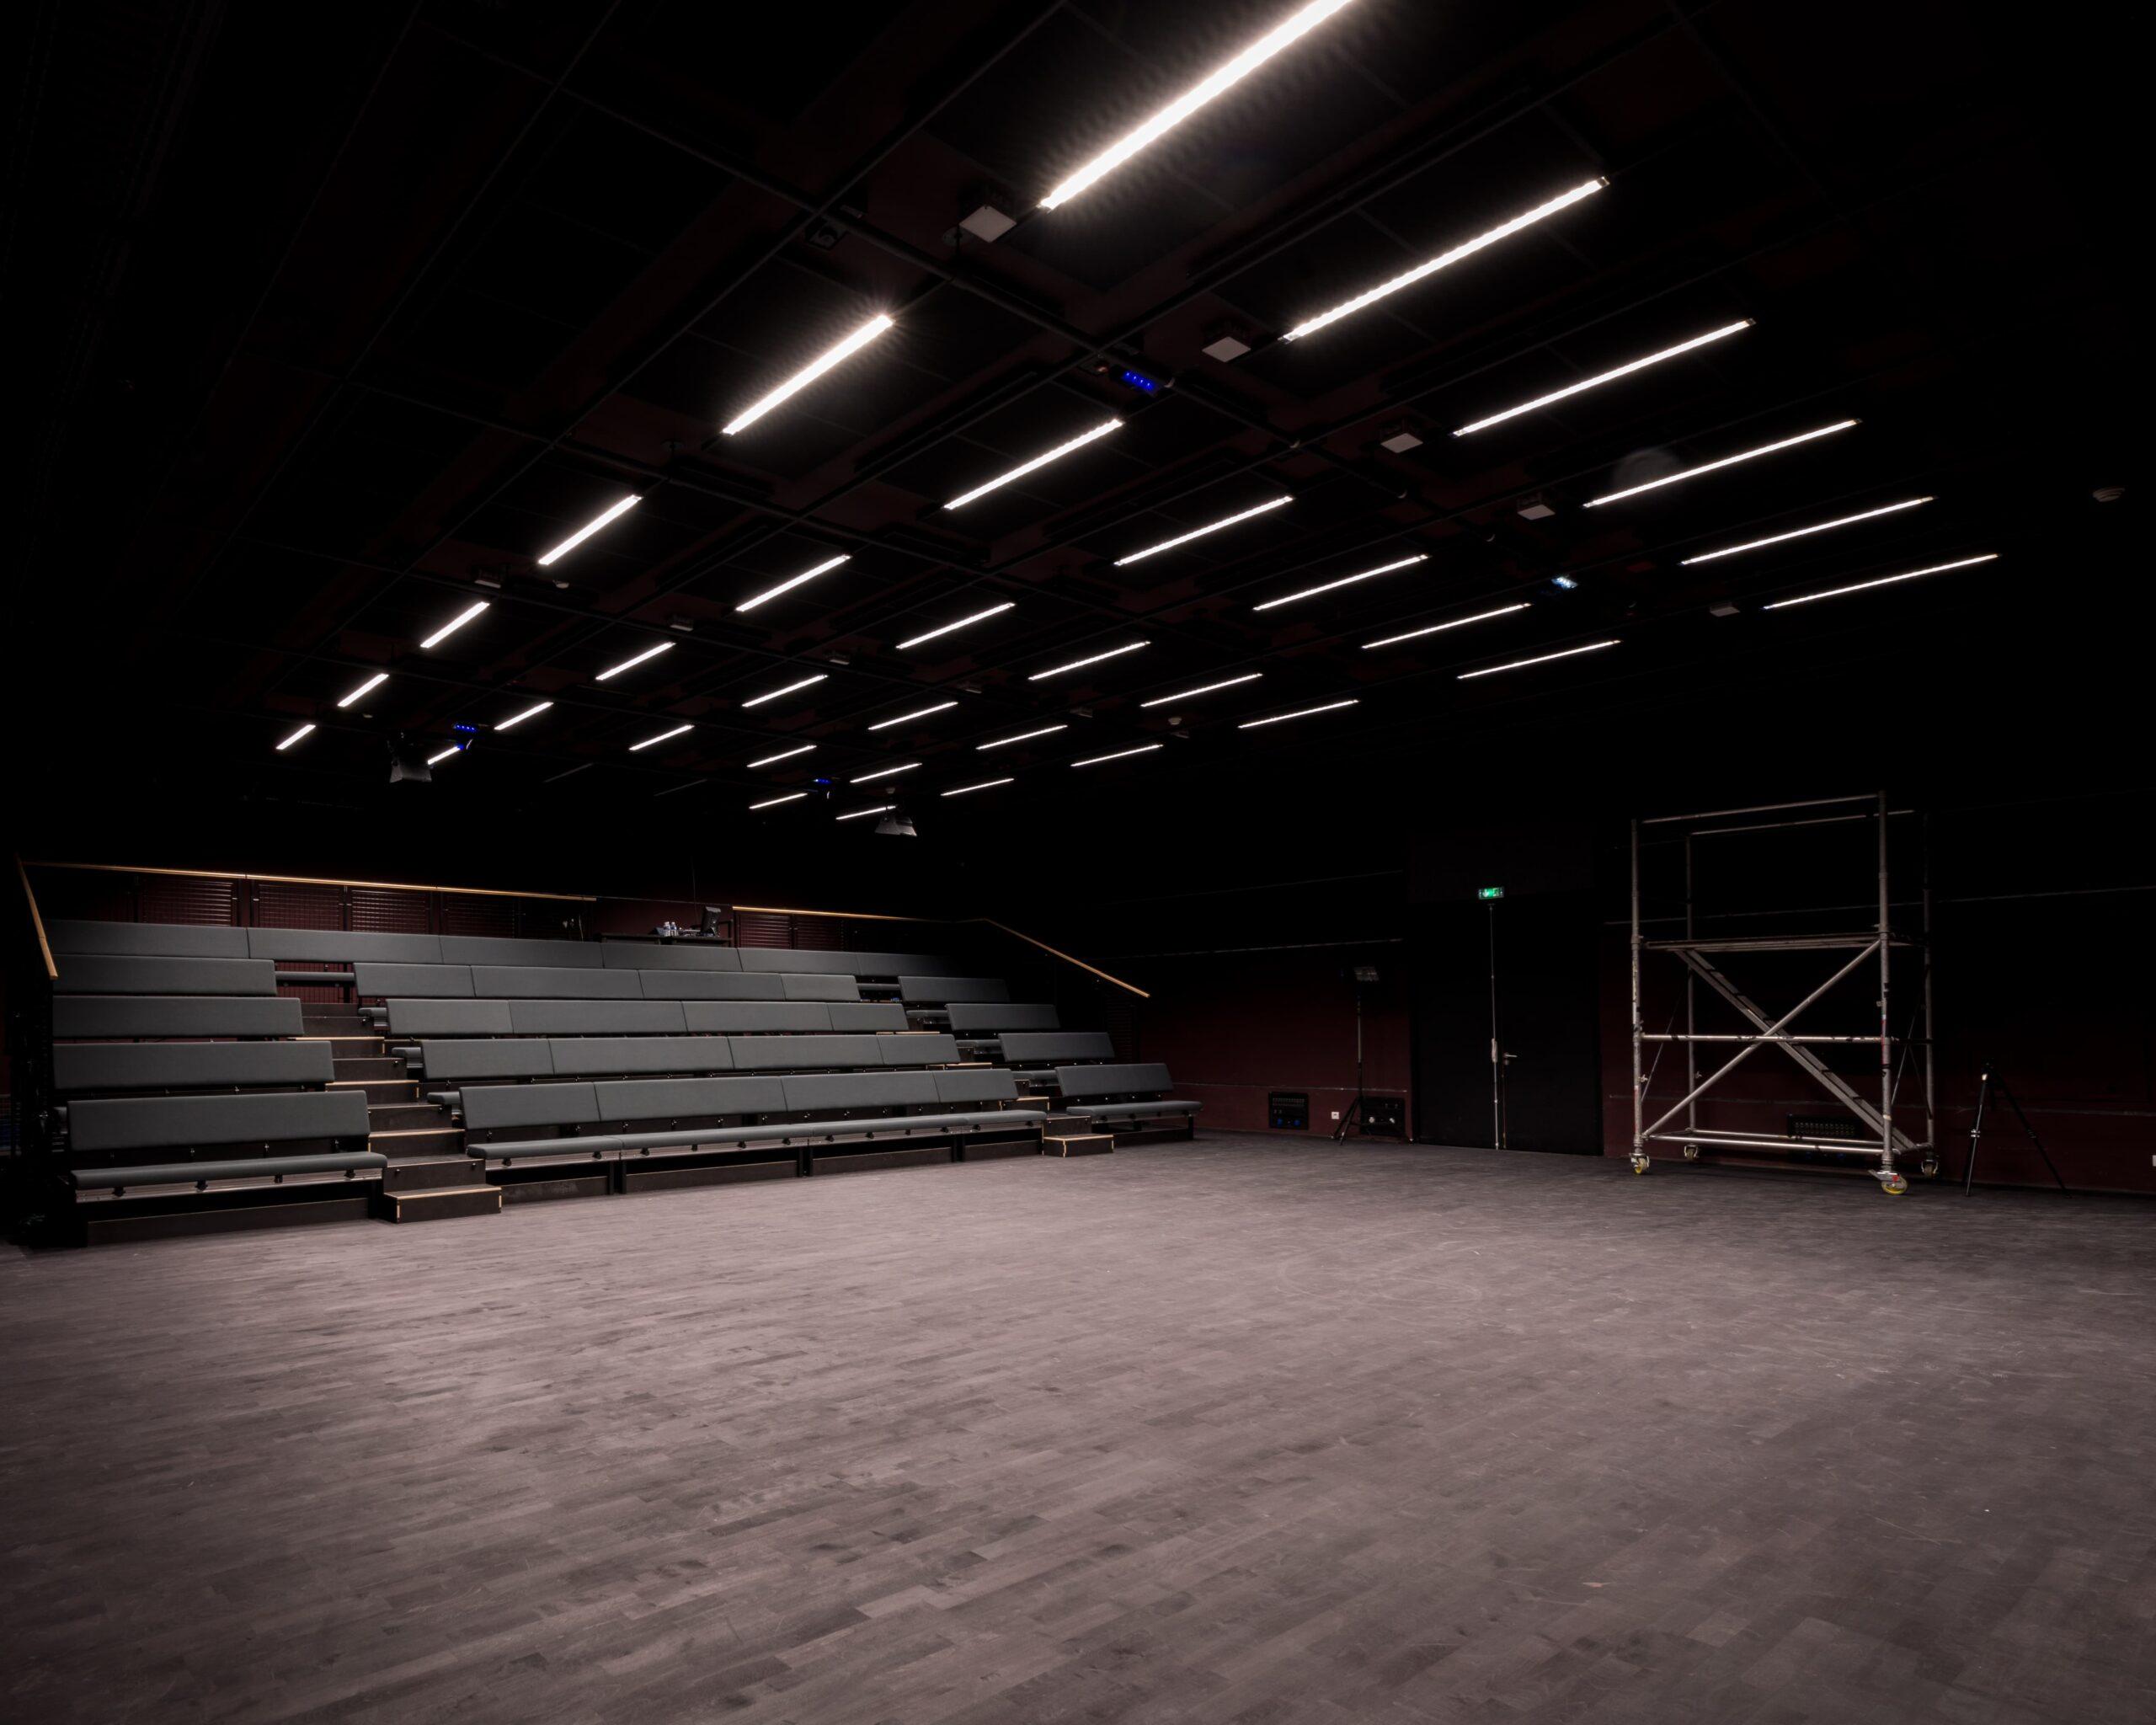 Luminaire encastrés dans le plafond d'une salle de spectacle dans le Théâtre de la Minoterie